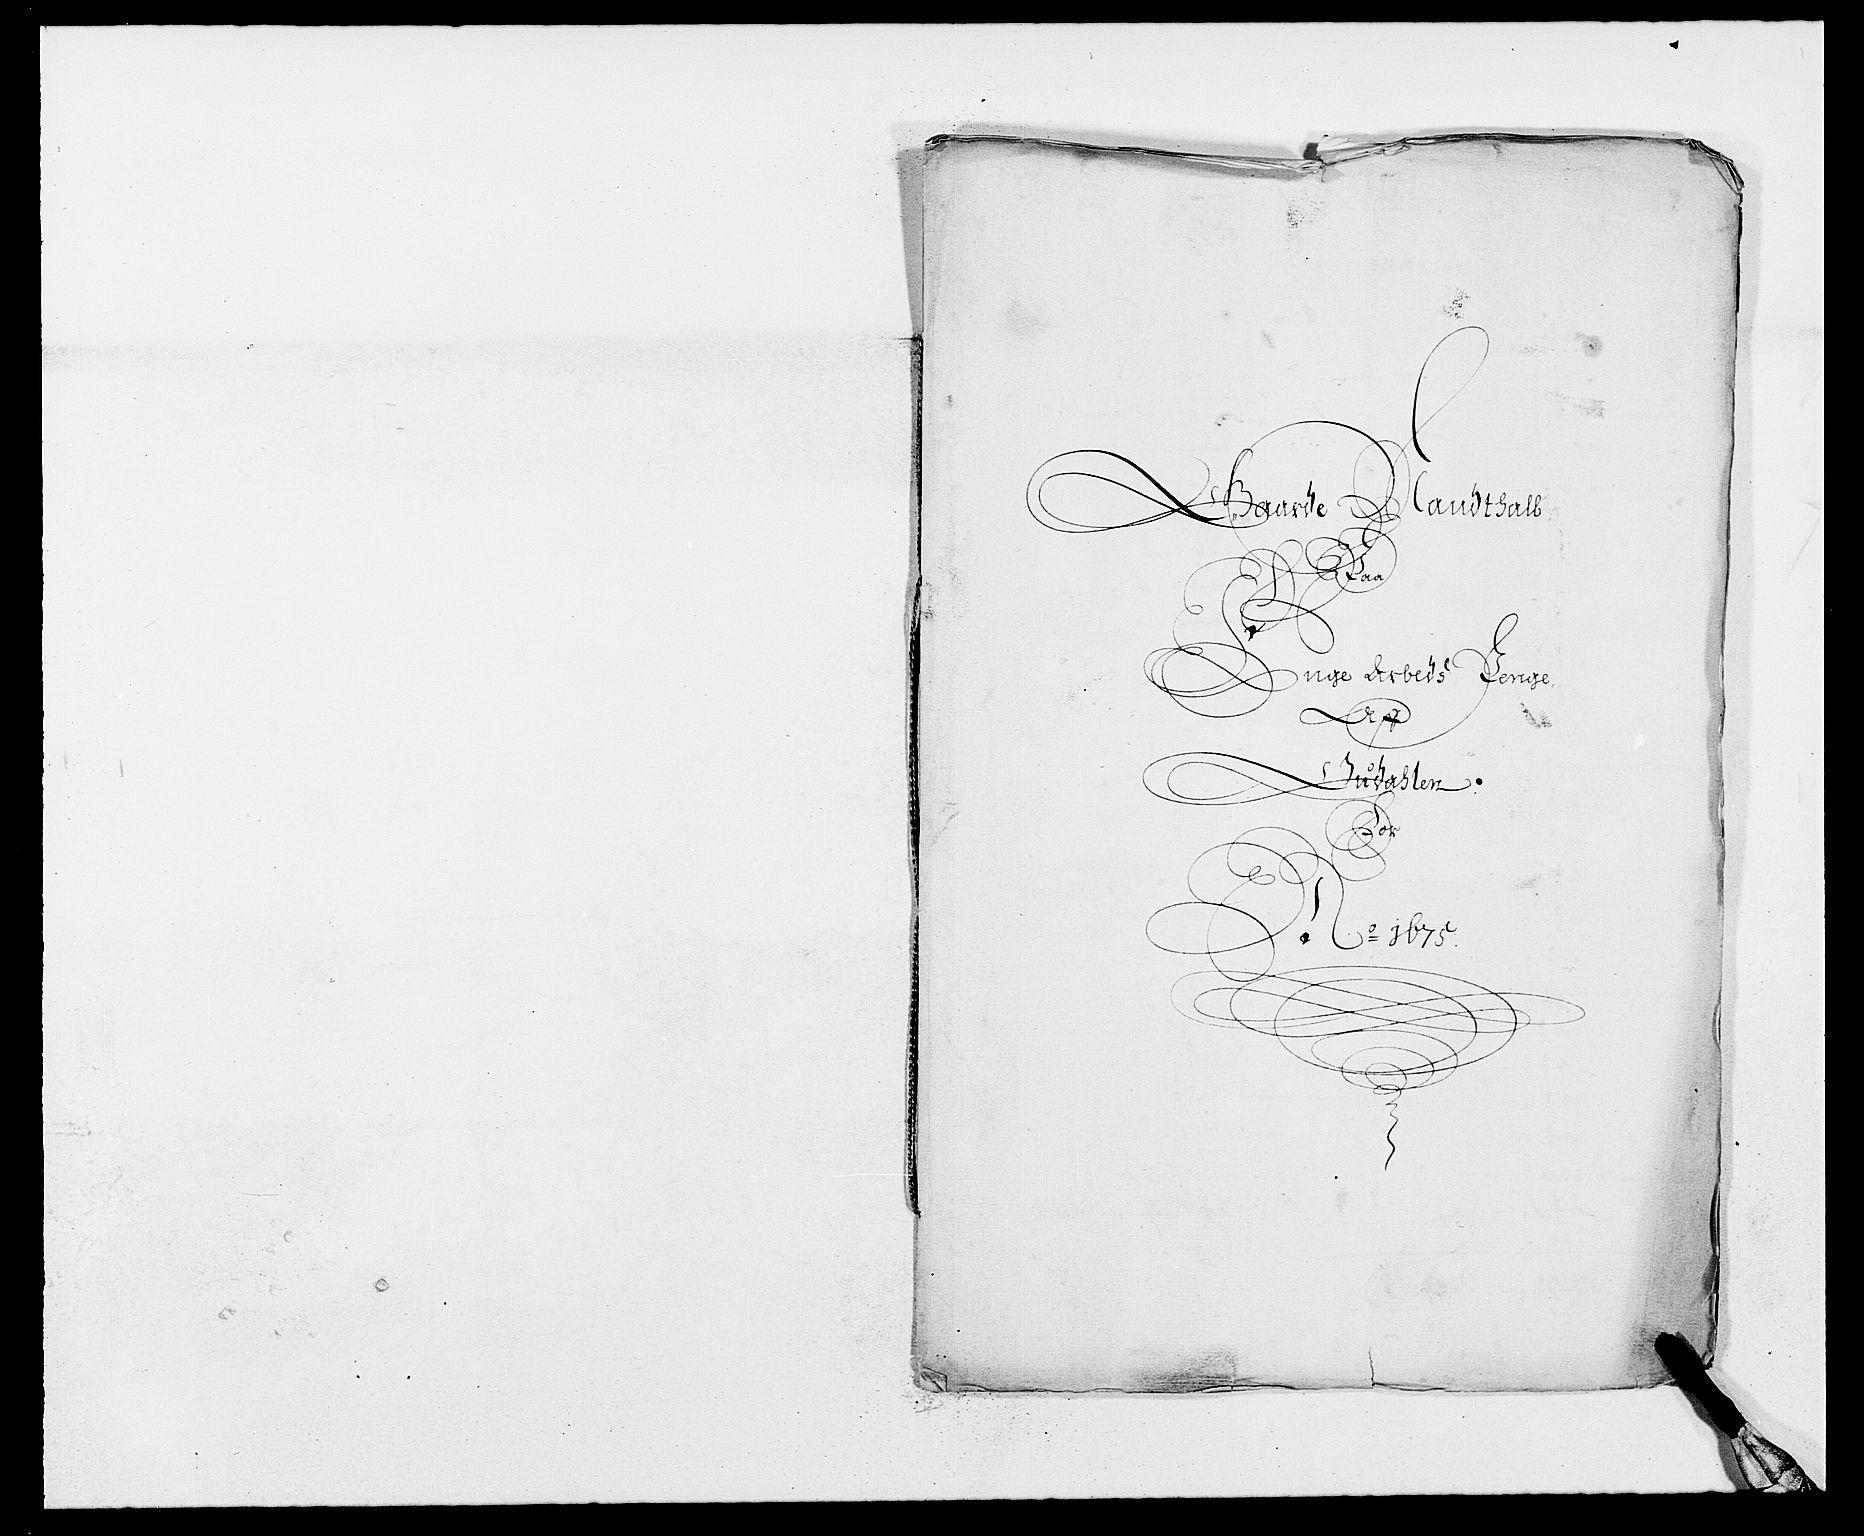 RA, Rentekammeret inntil 1814, Reviderte regnskaper, Fogderegnskap, R13/L0810: Fogderegnskap Solør, Odal og Østerdal, 1675, s. 304